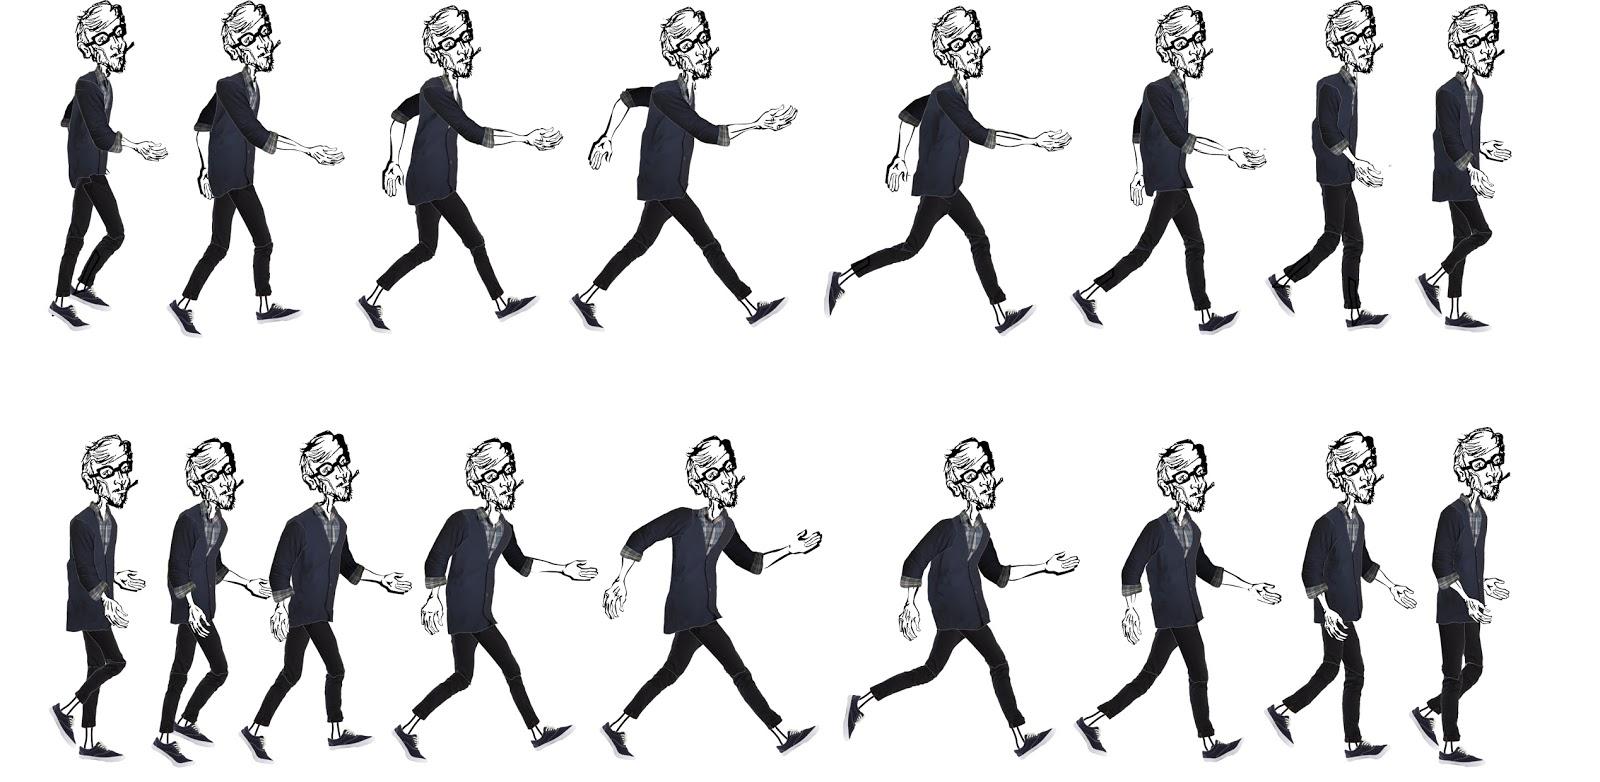 animando em casa: ciclo de caminhada animação desenho